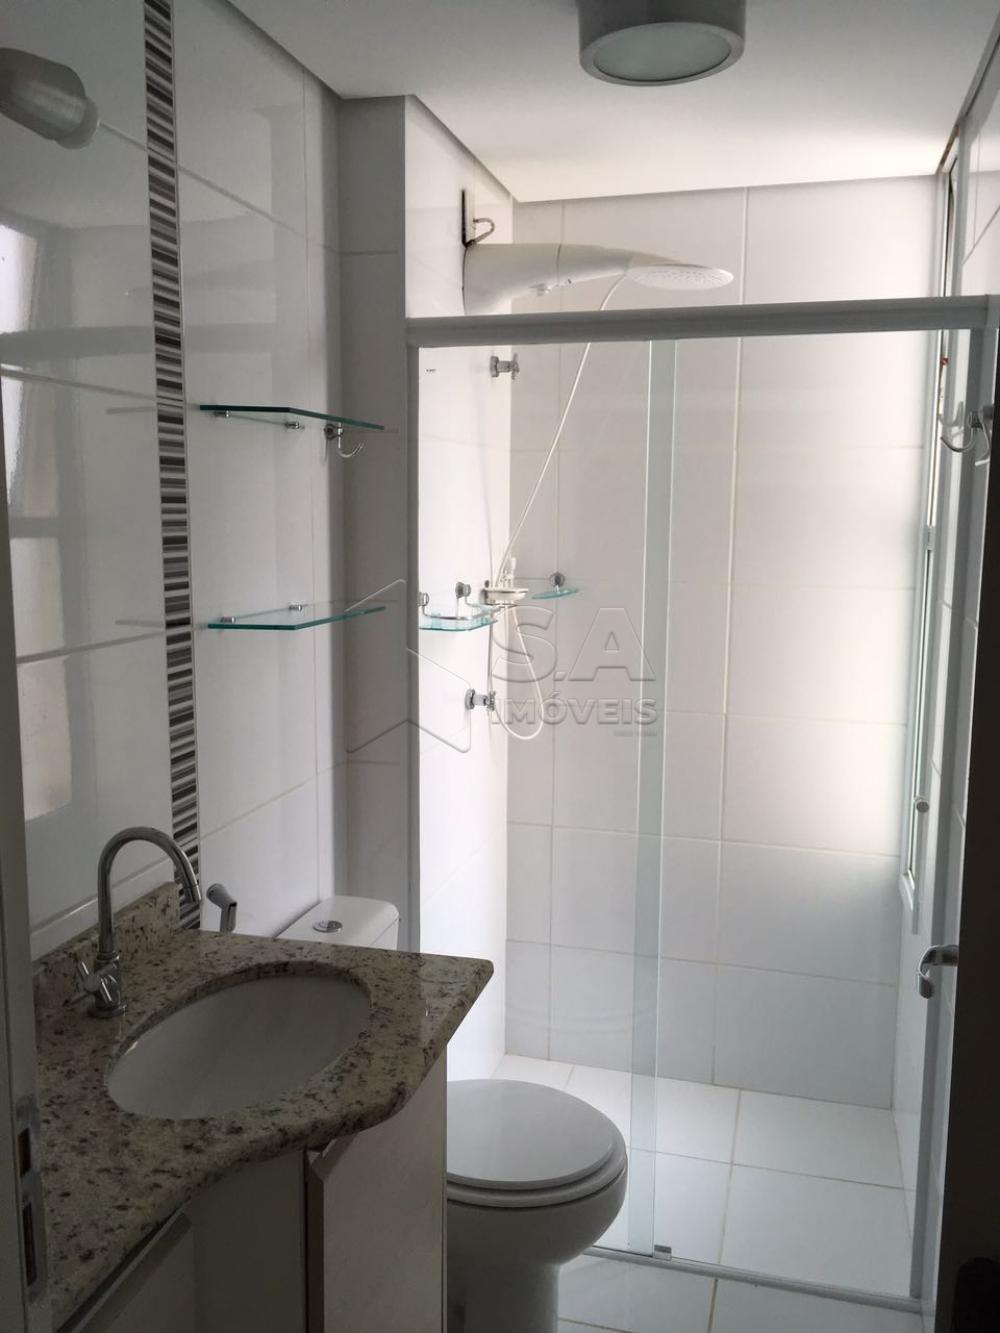 Comprar Apartamento / Padrão em Botucatu apenas R$ 700.000,00 - Foto 28